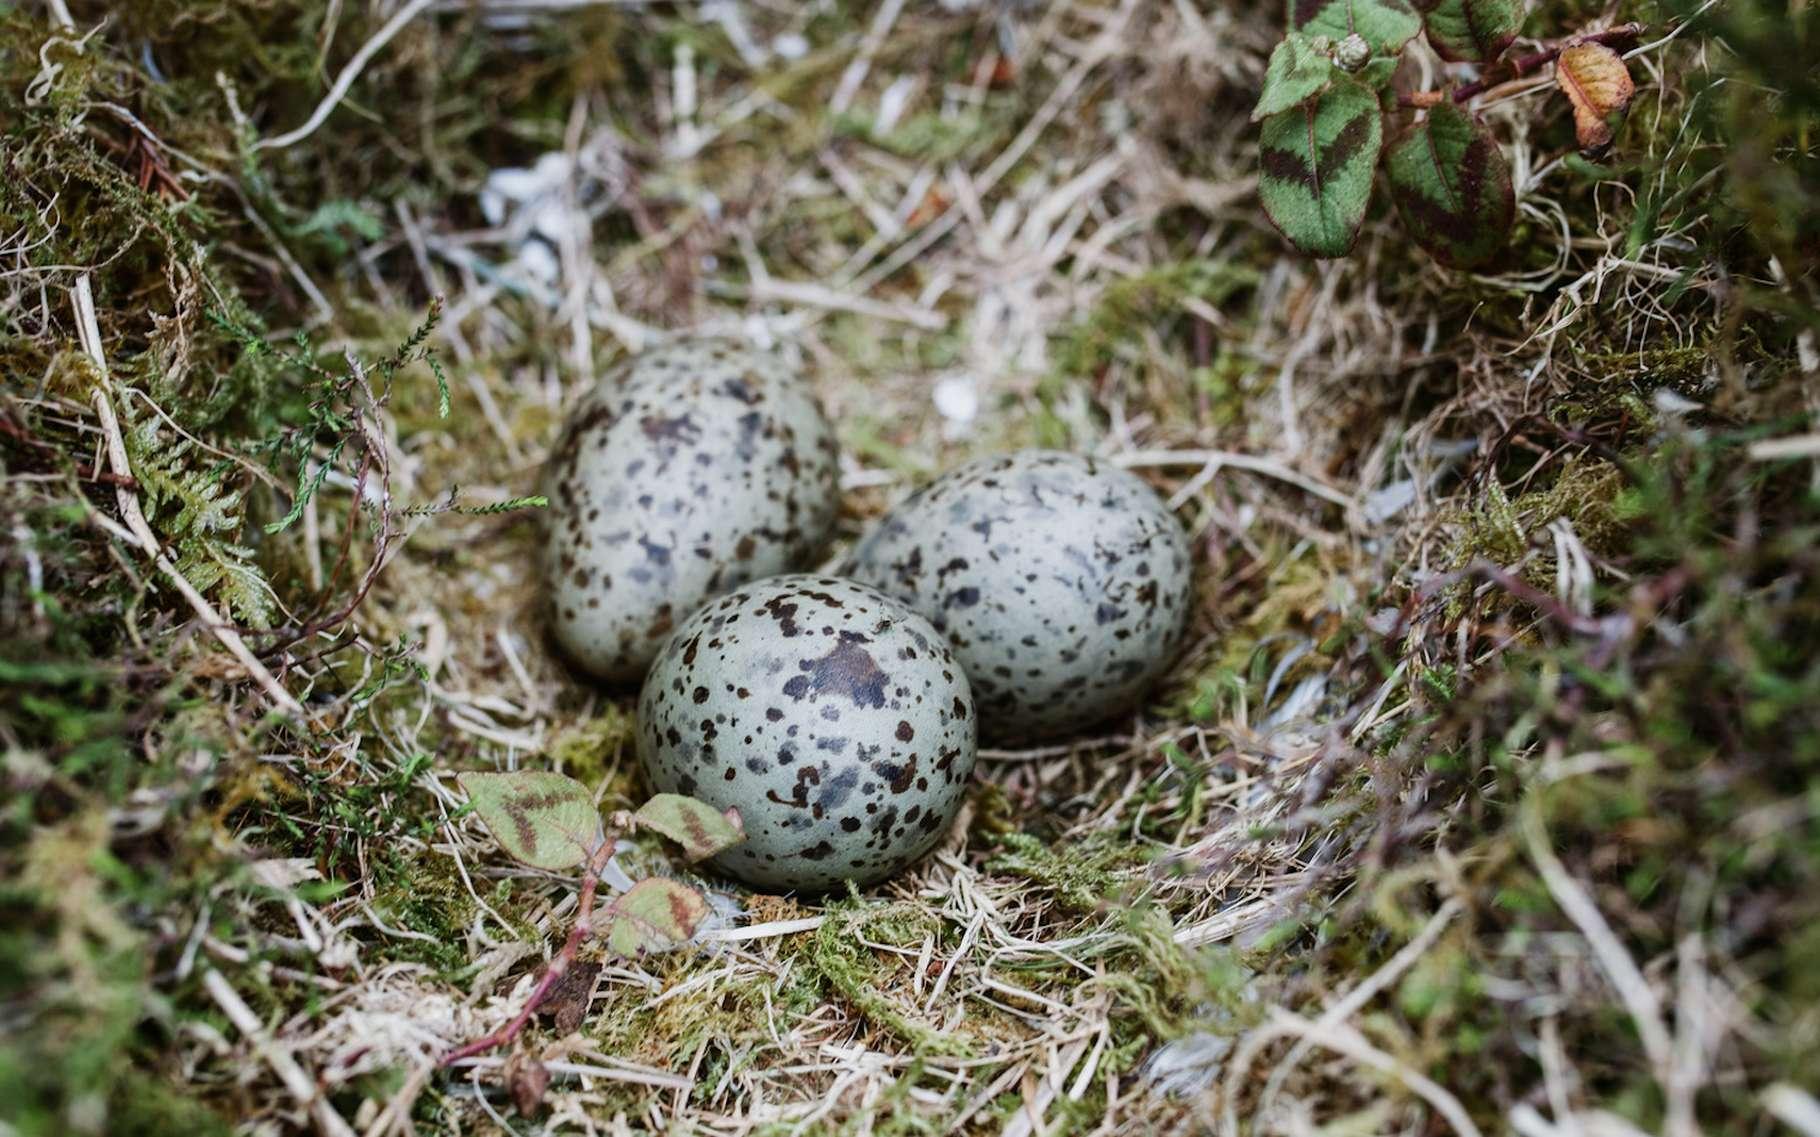 Les capacités d'adaptation des animaux sont étonnantes. Des chercheurs espagnols nous en proposent aujourd'hui un nouvel exemple avec des œufs de goélands qui communiquent entre eux des informations relatives à de potentiels dangers. © psousa5, Fotolia